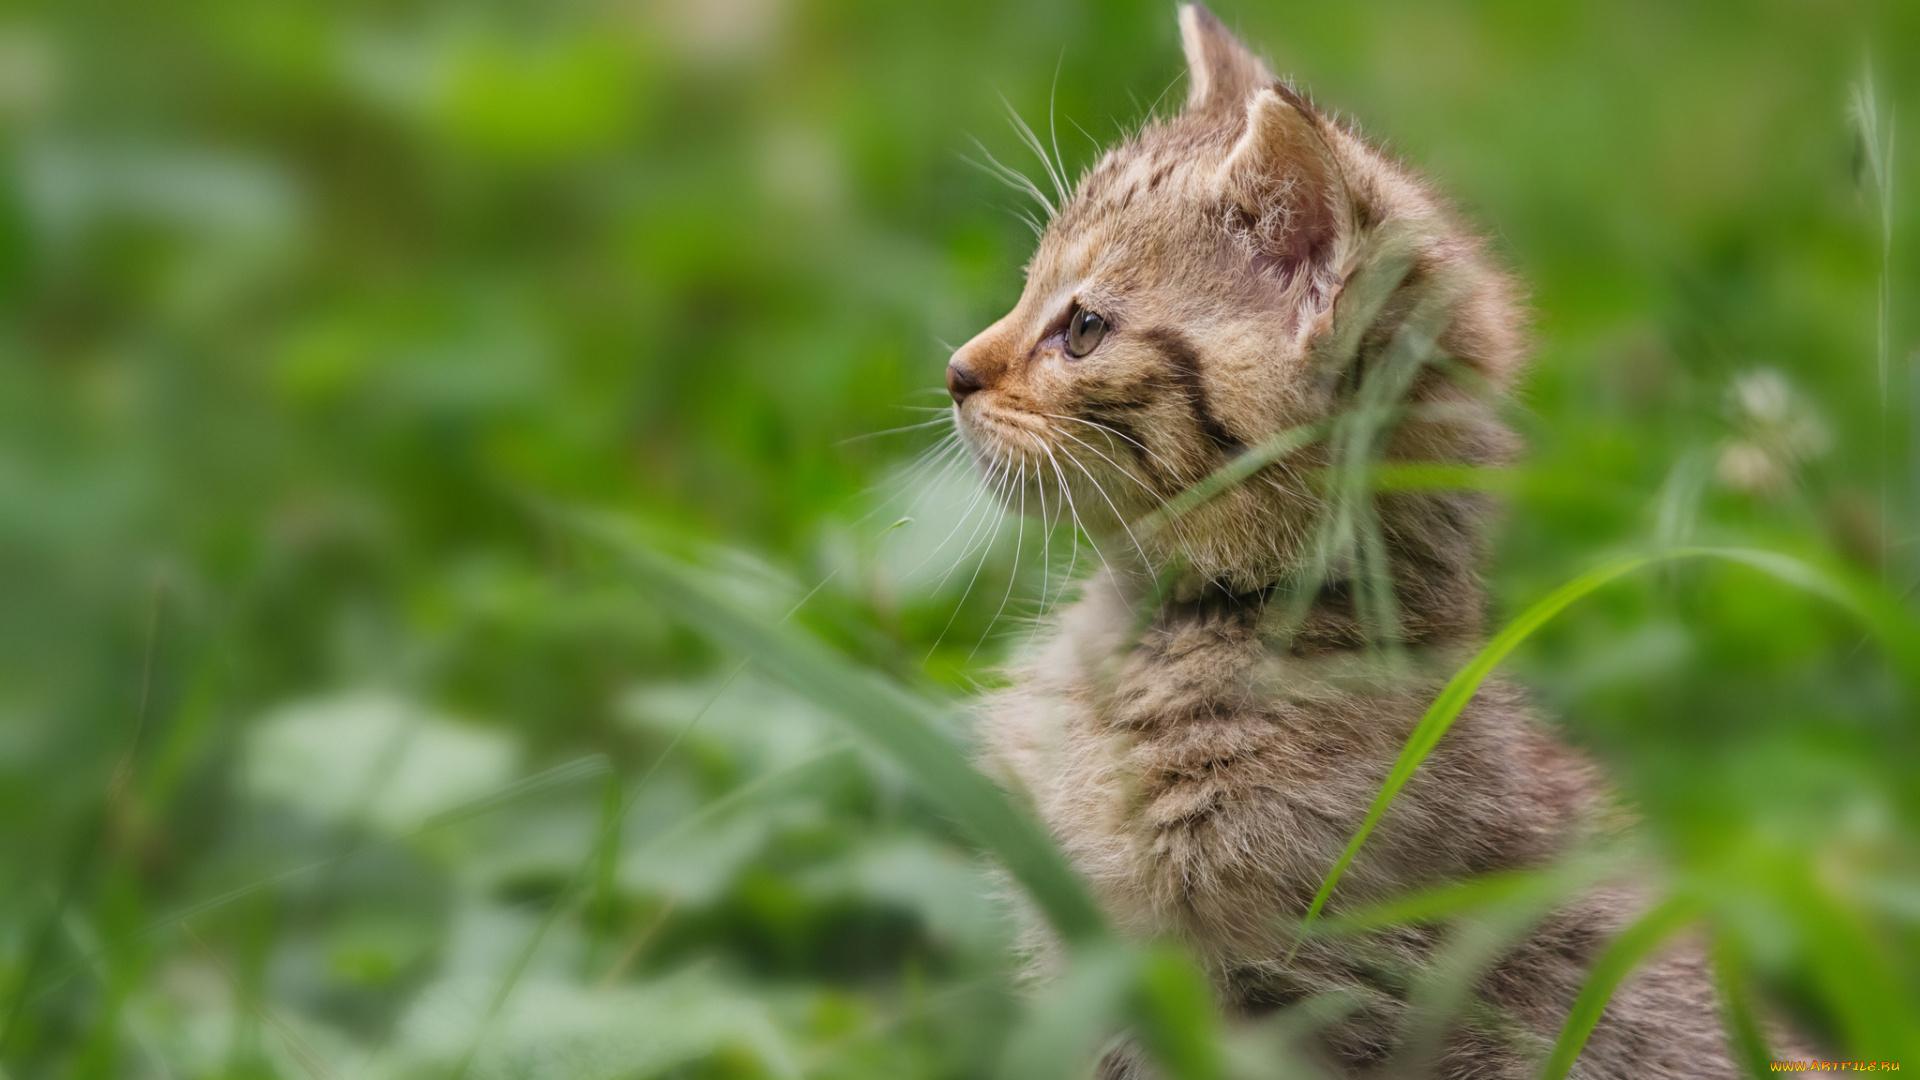 Котенок на траве  № 2959599 бесплатно